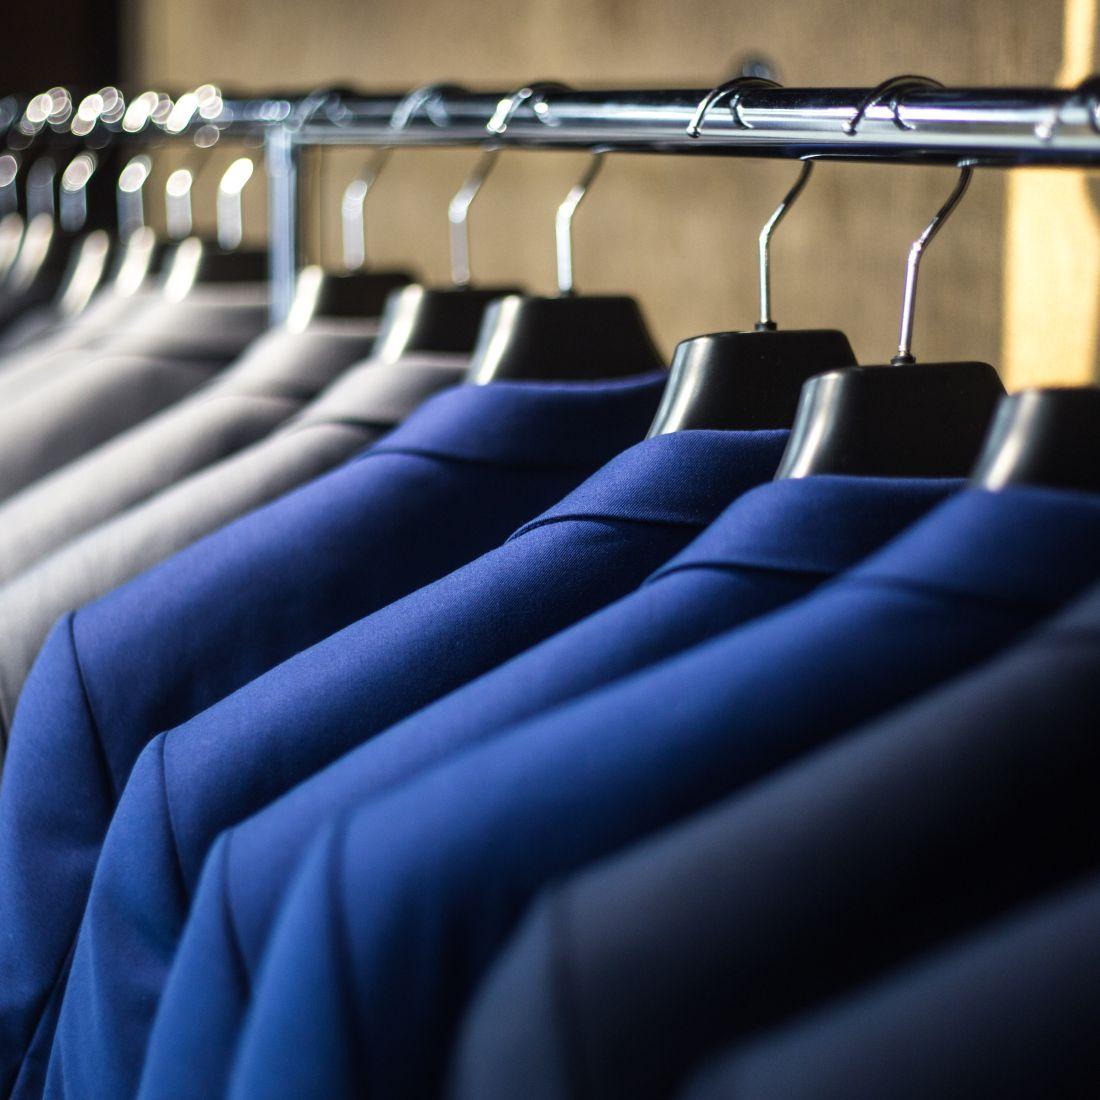 Tempat order pesan produksi pakaian kerja konveksi pakaian kerja wanita dan pria - Mojait Production